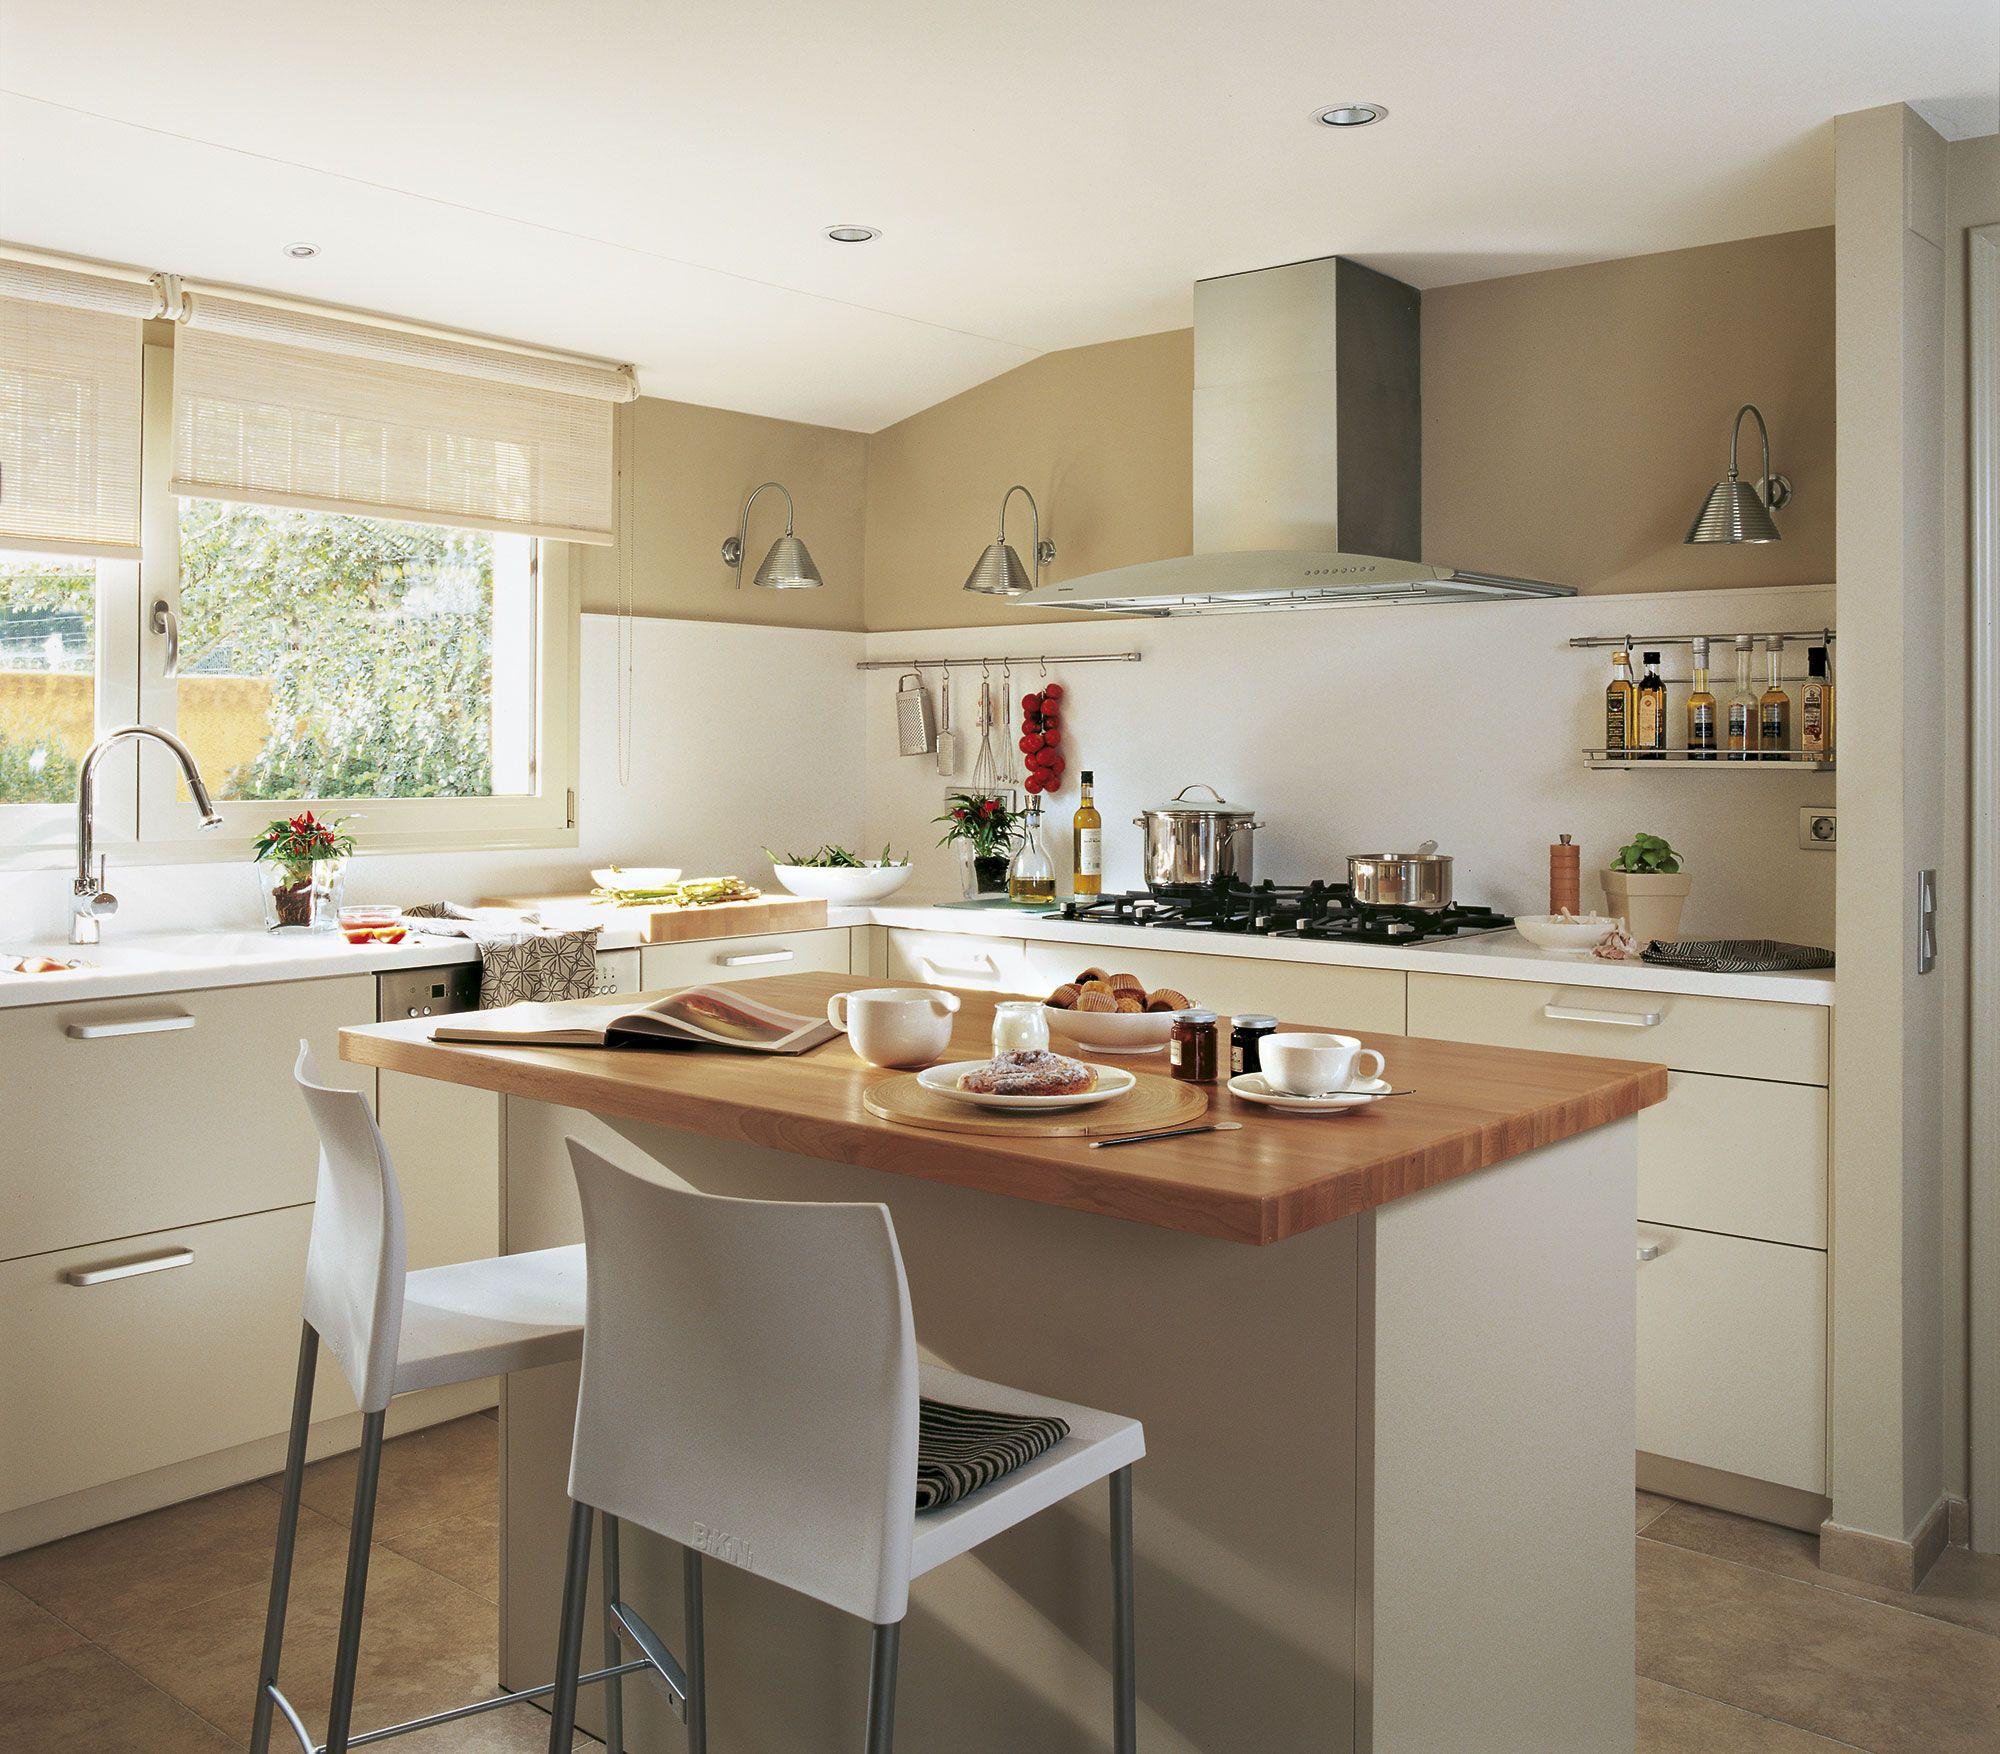 Desayuno comida o cena en la cocina mini espacios Barra cocina madera